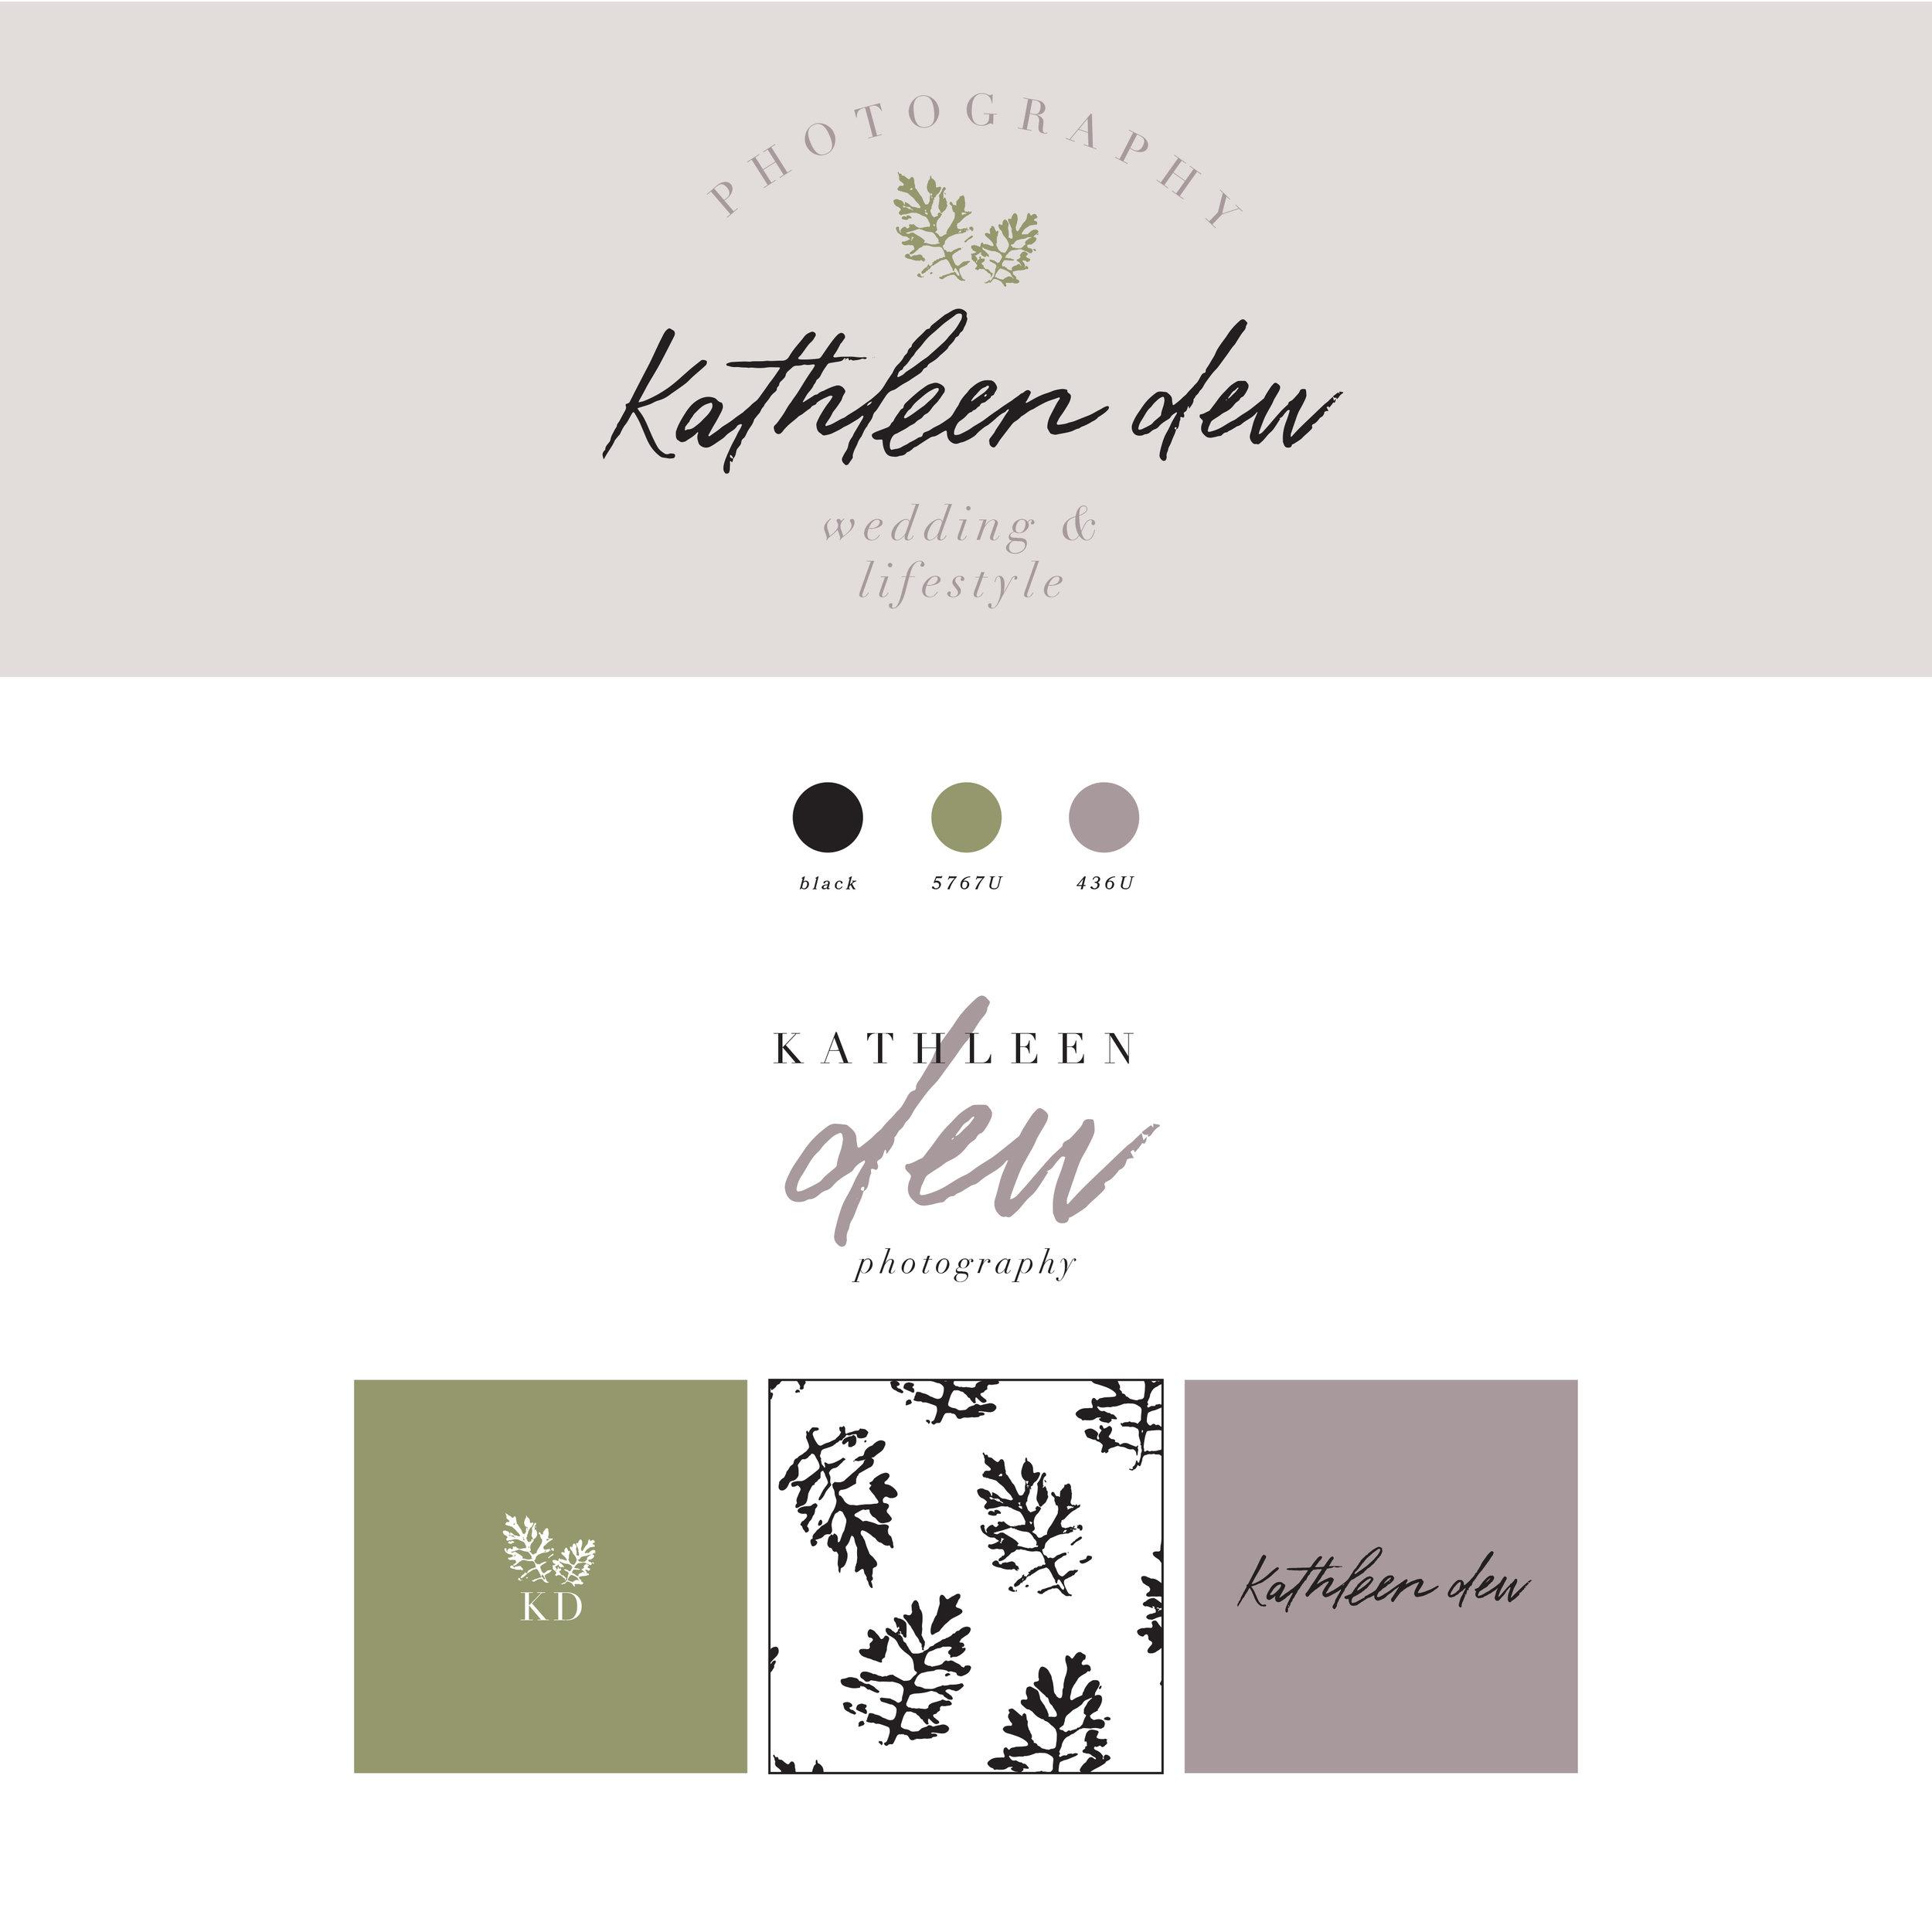 KathleenDew_concepts.jpg